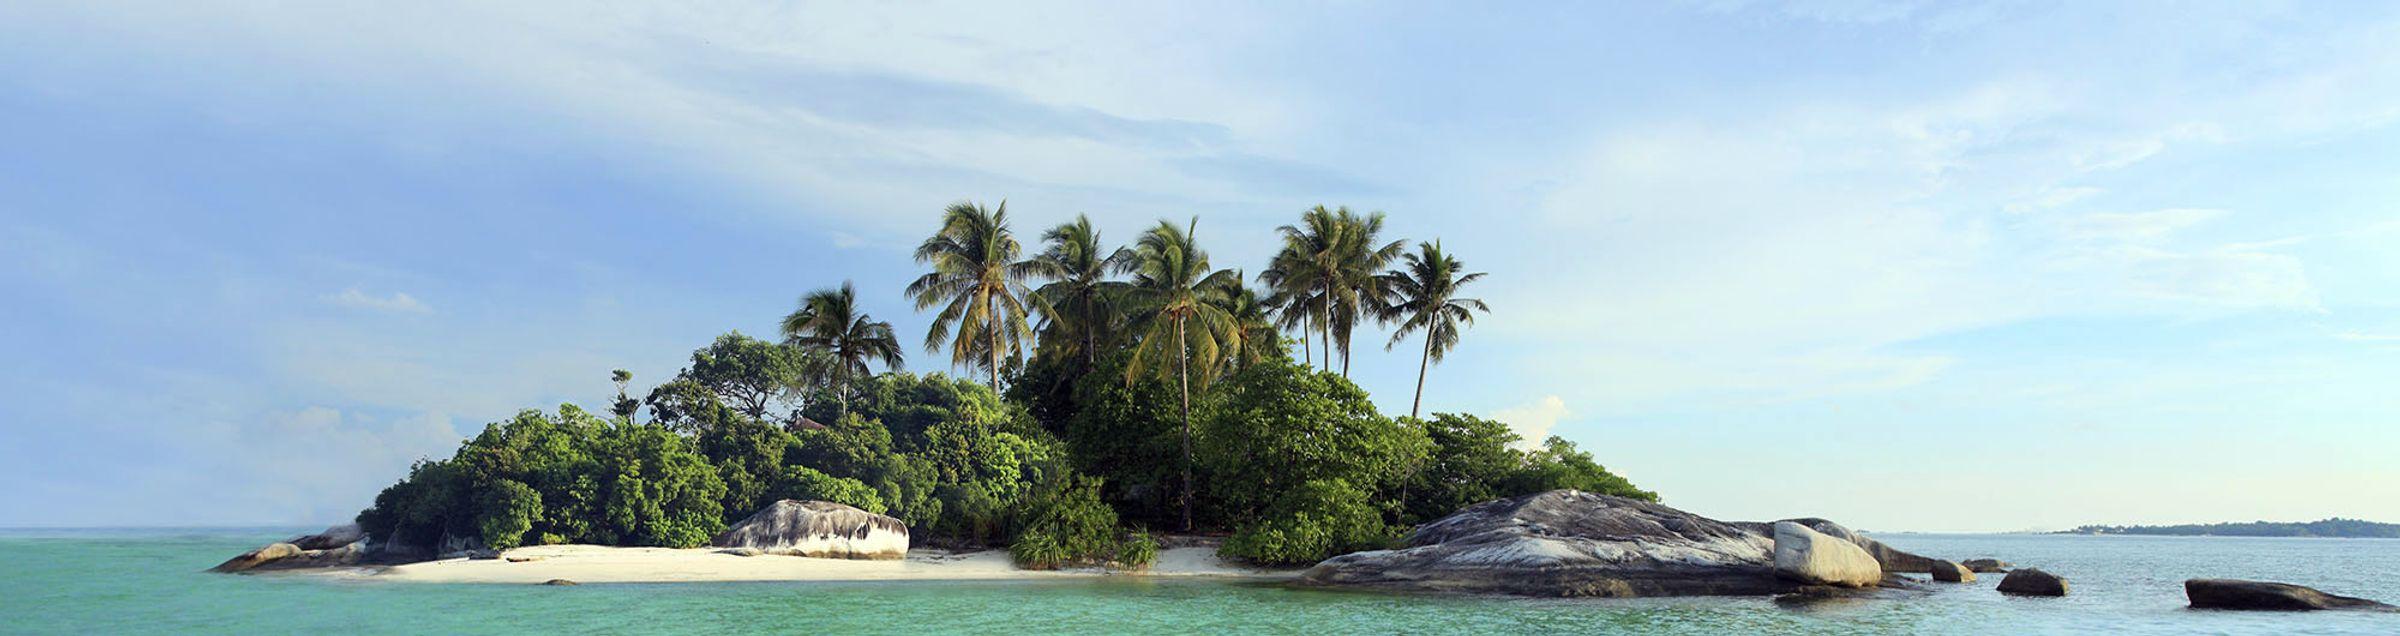 Belitung (Tanjung Pandan)